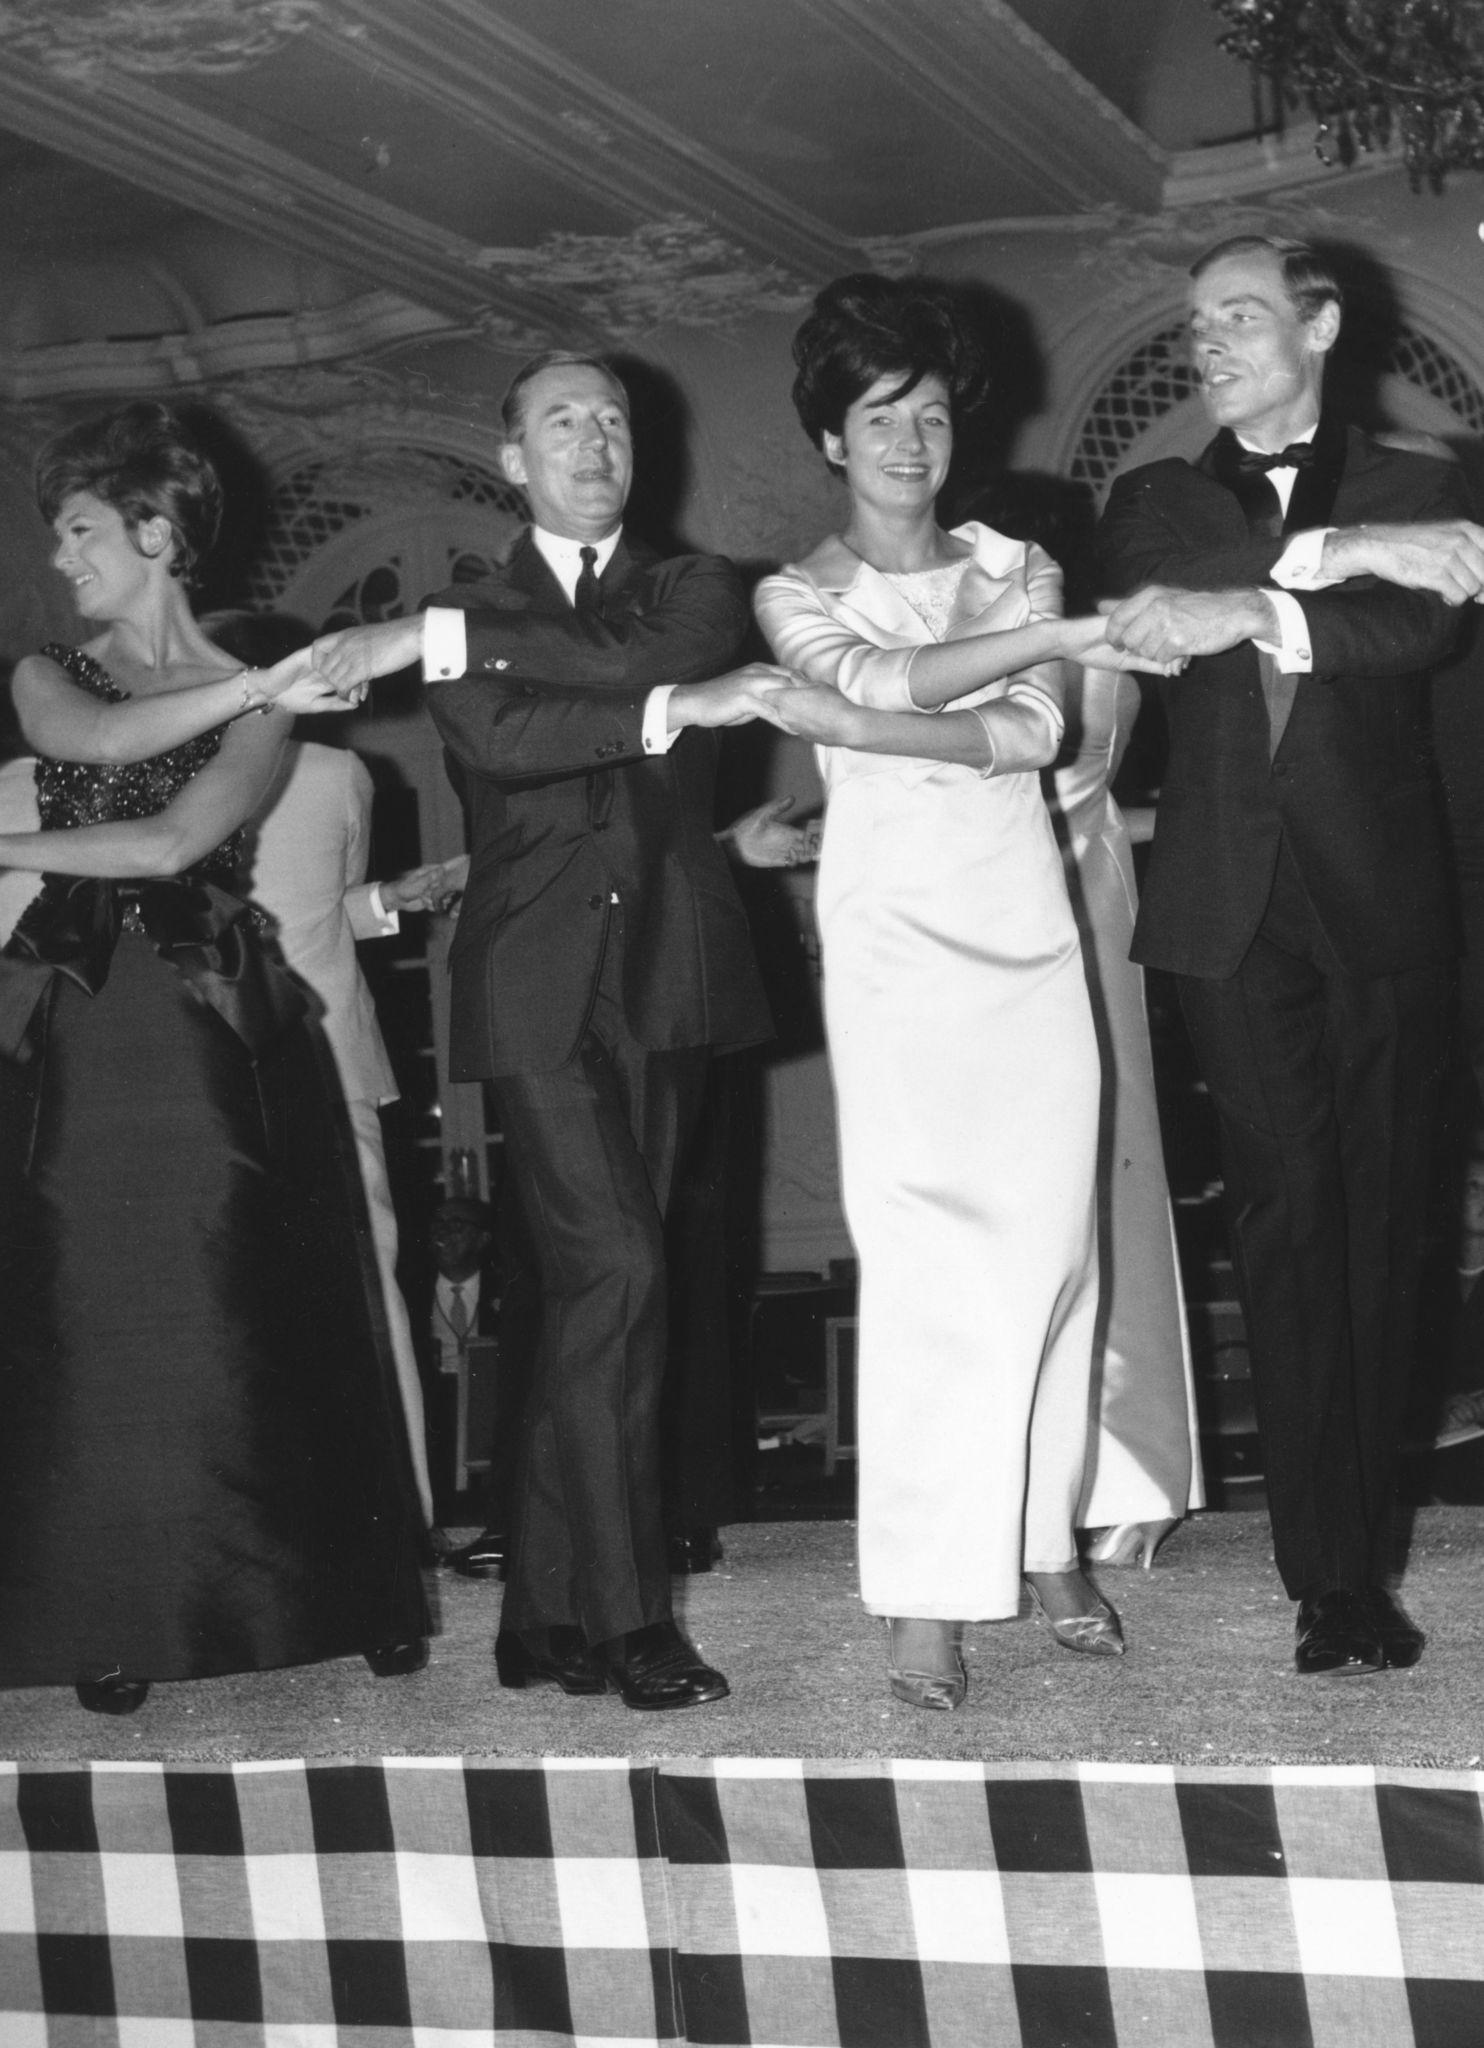 1963. Придворный дизайнер Харди Эмис встречает Новый год на своем показе мужской одежды в отеле Савой, Лондон.jpg